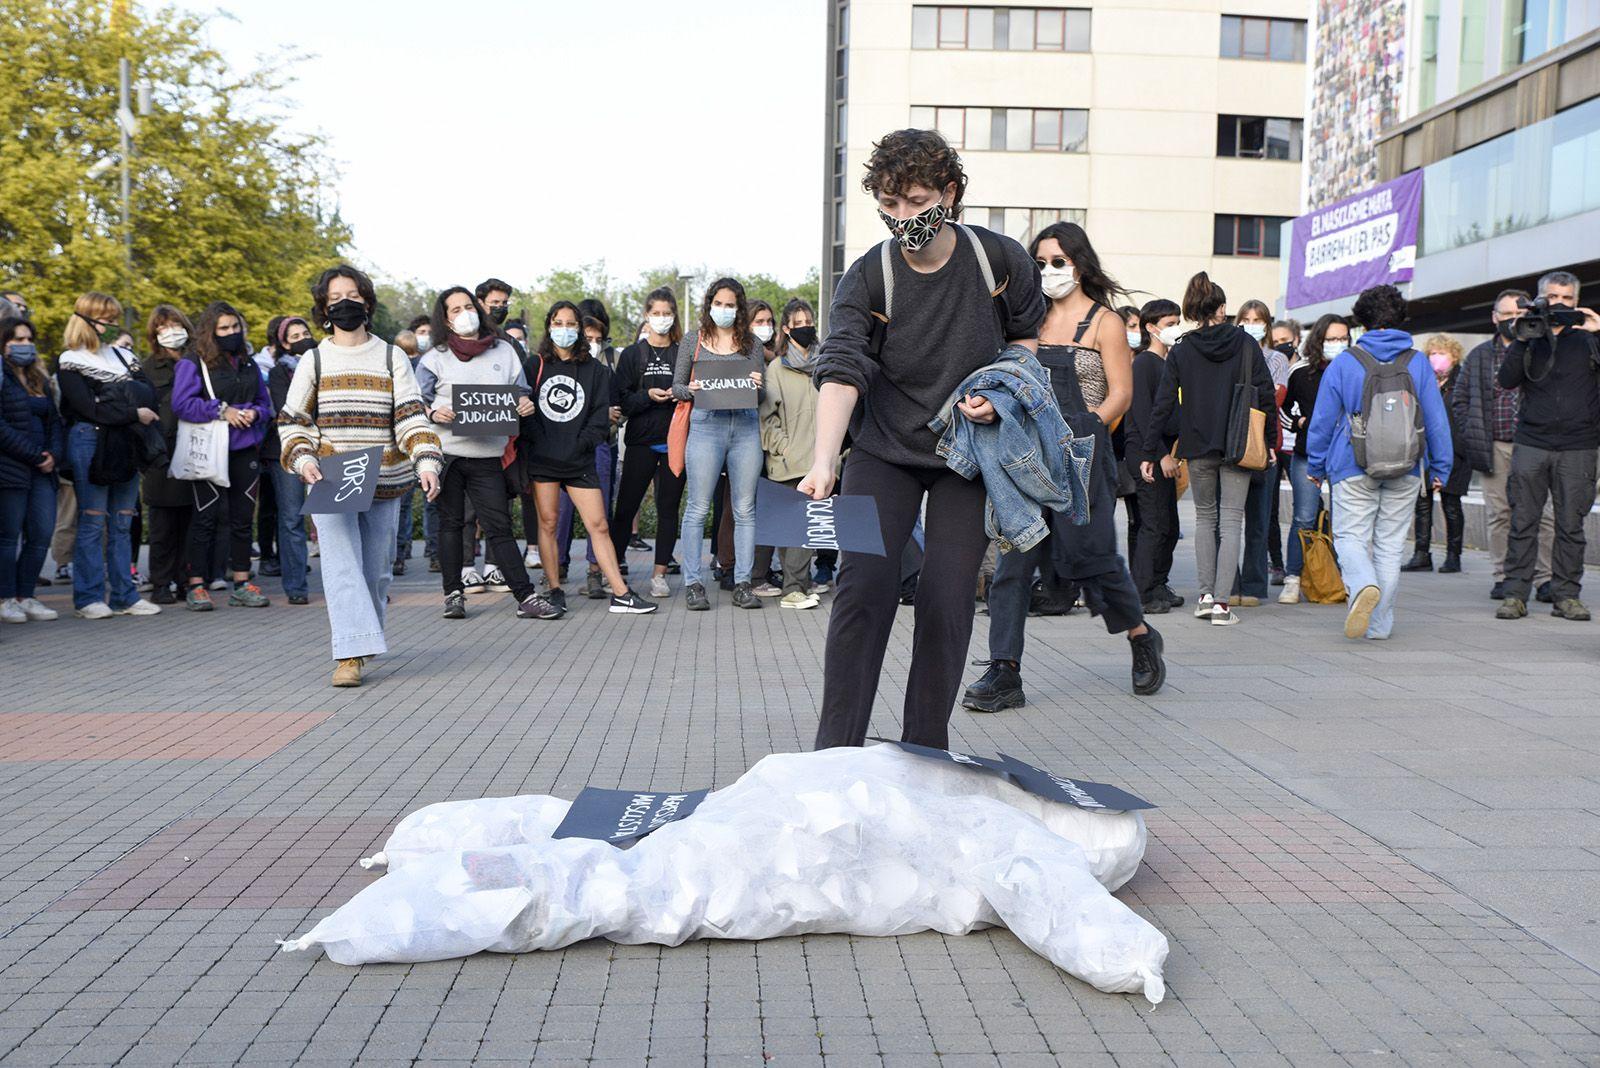 Concentració feminista denuncia l'abús sexual a una menor. Fotos Bernat Millet 11